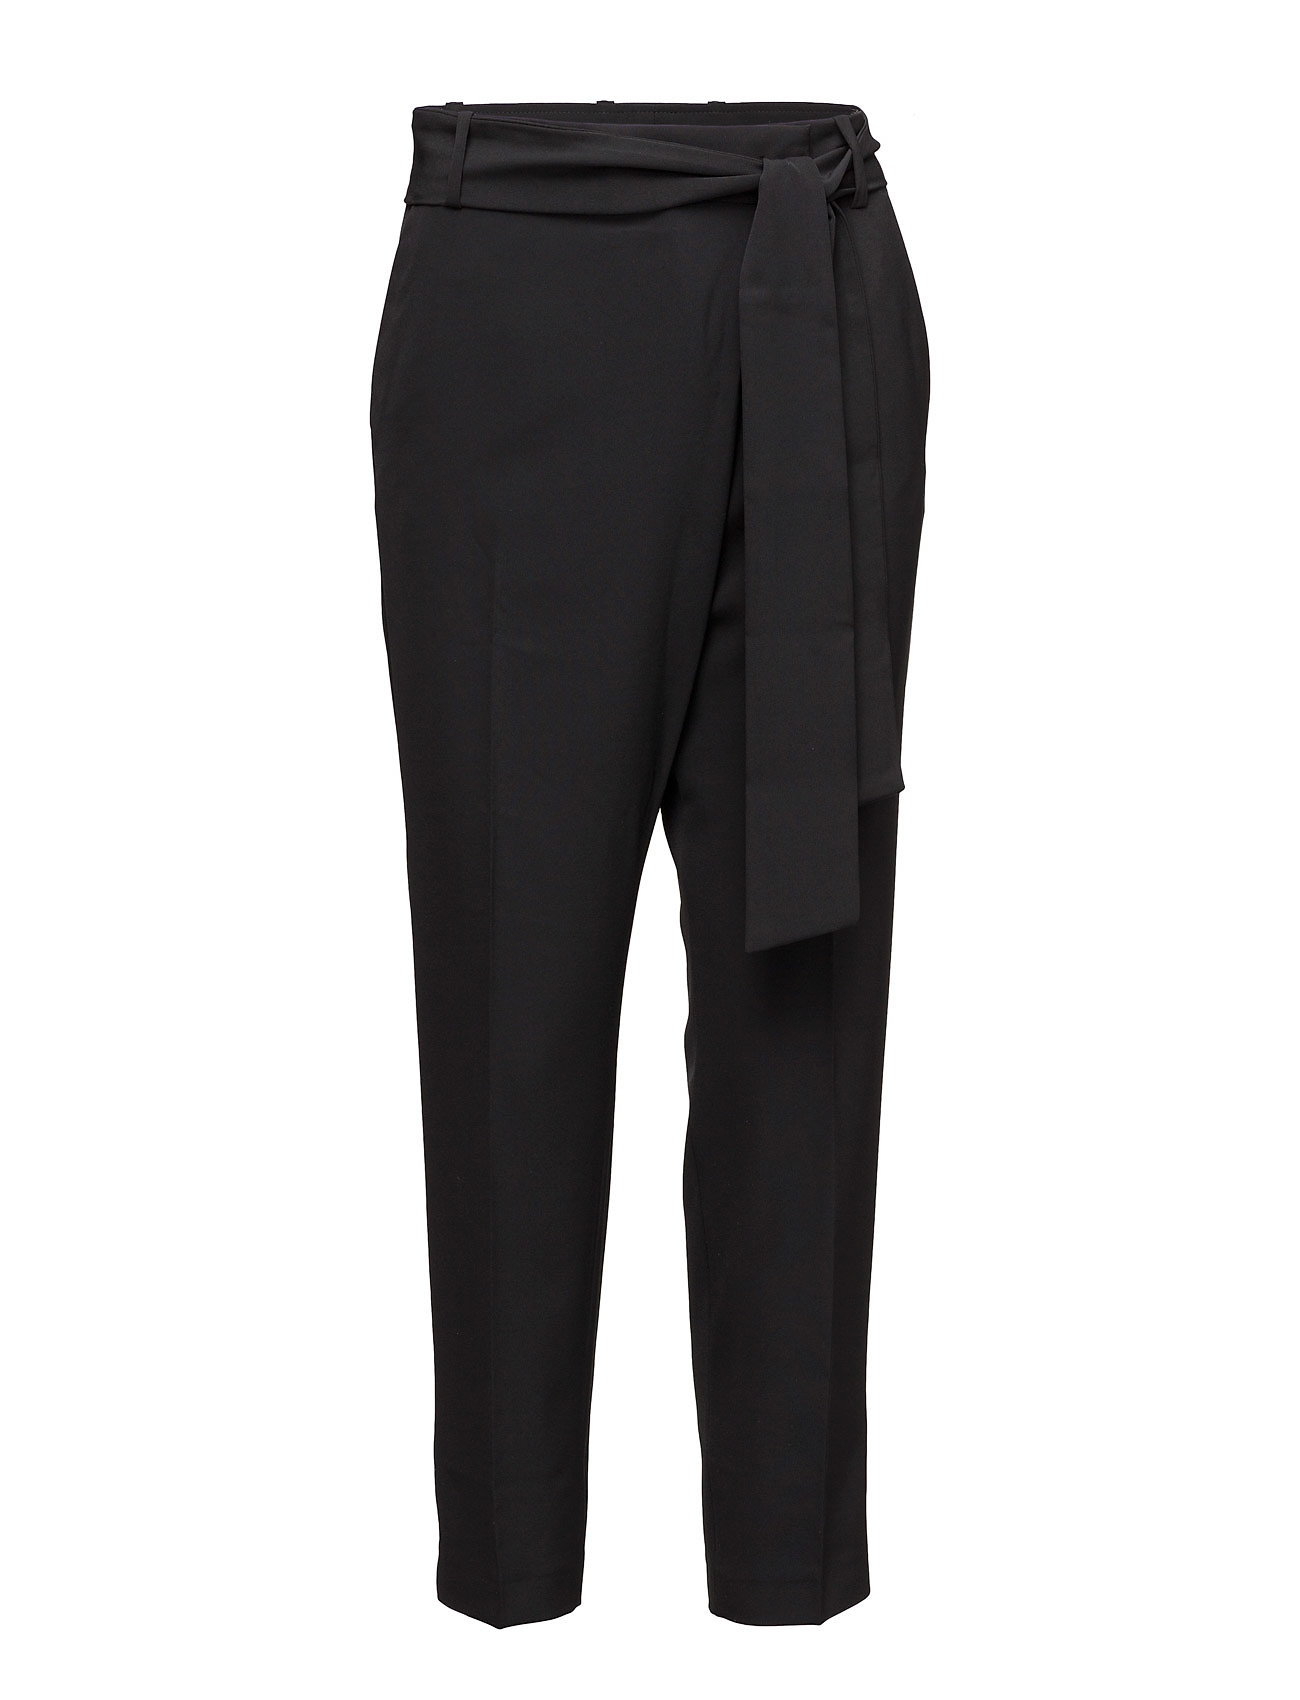 Trousers United Colors of Benetton Bukser til Damer i